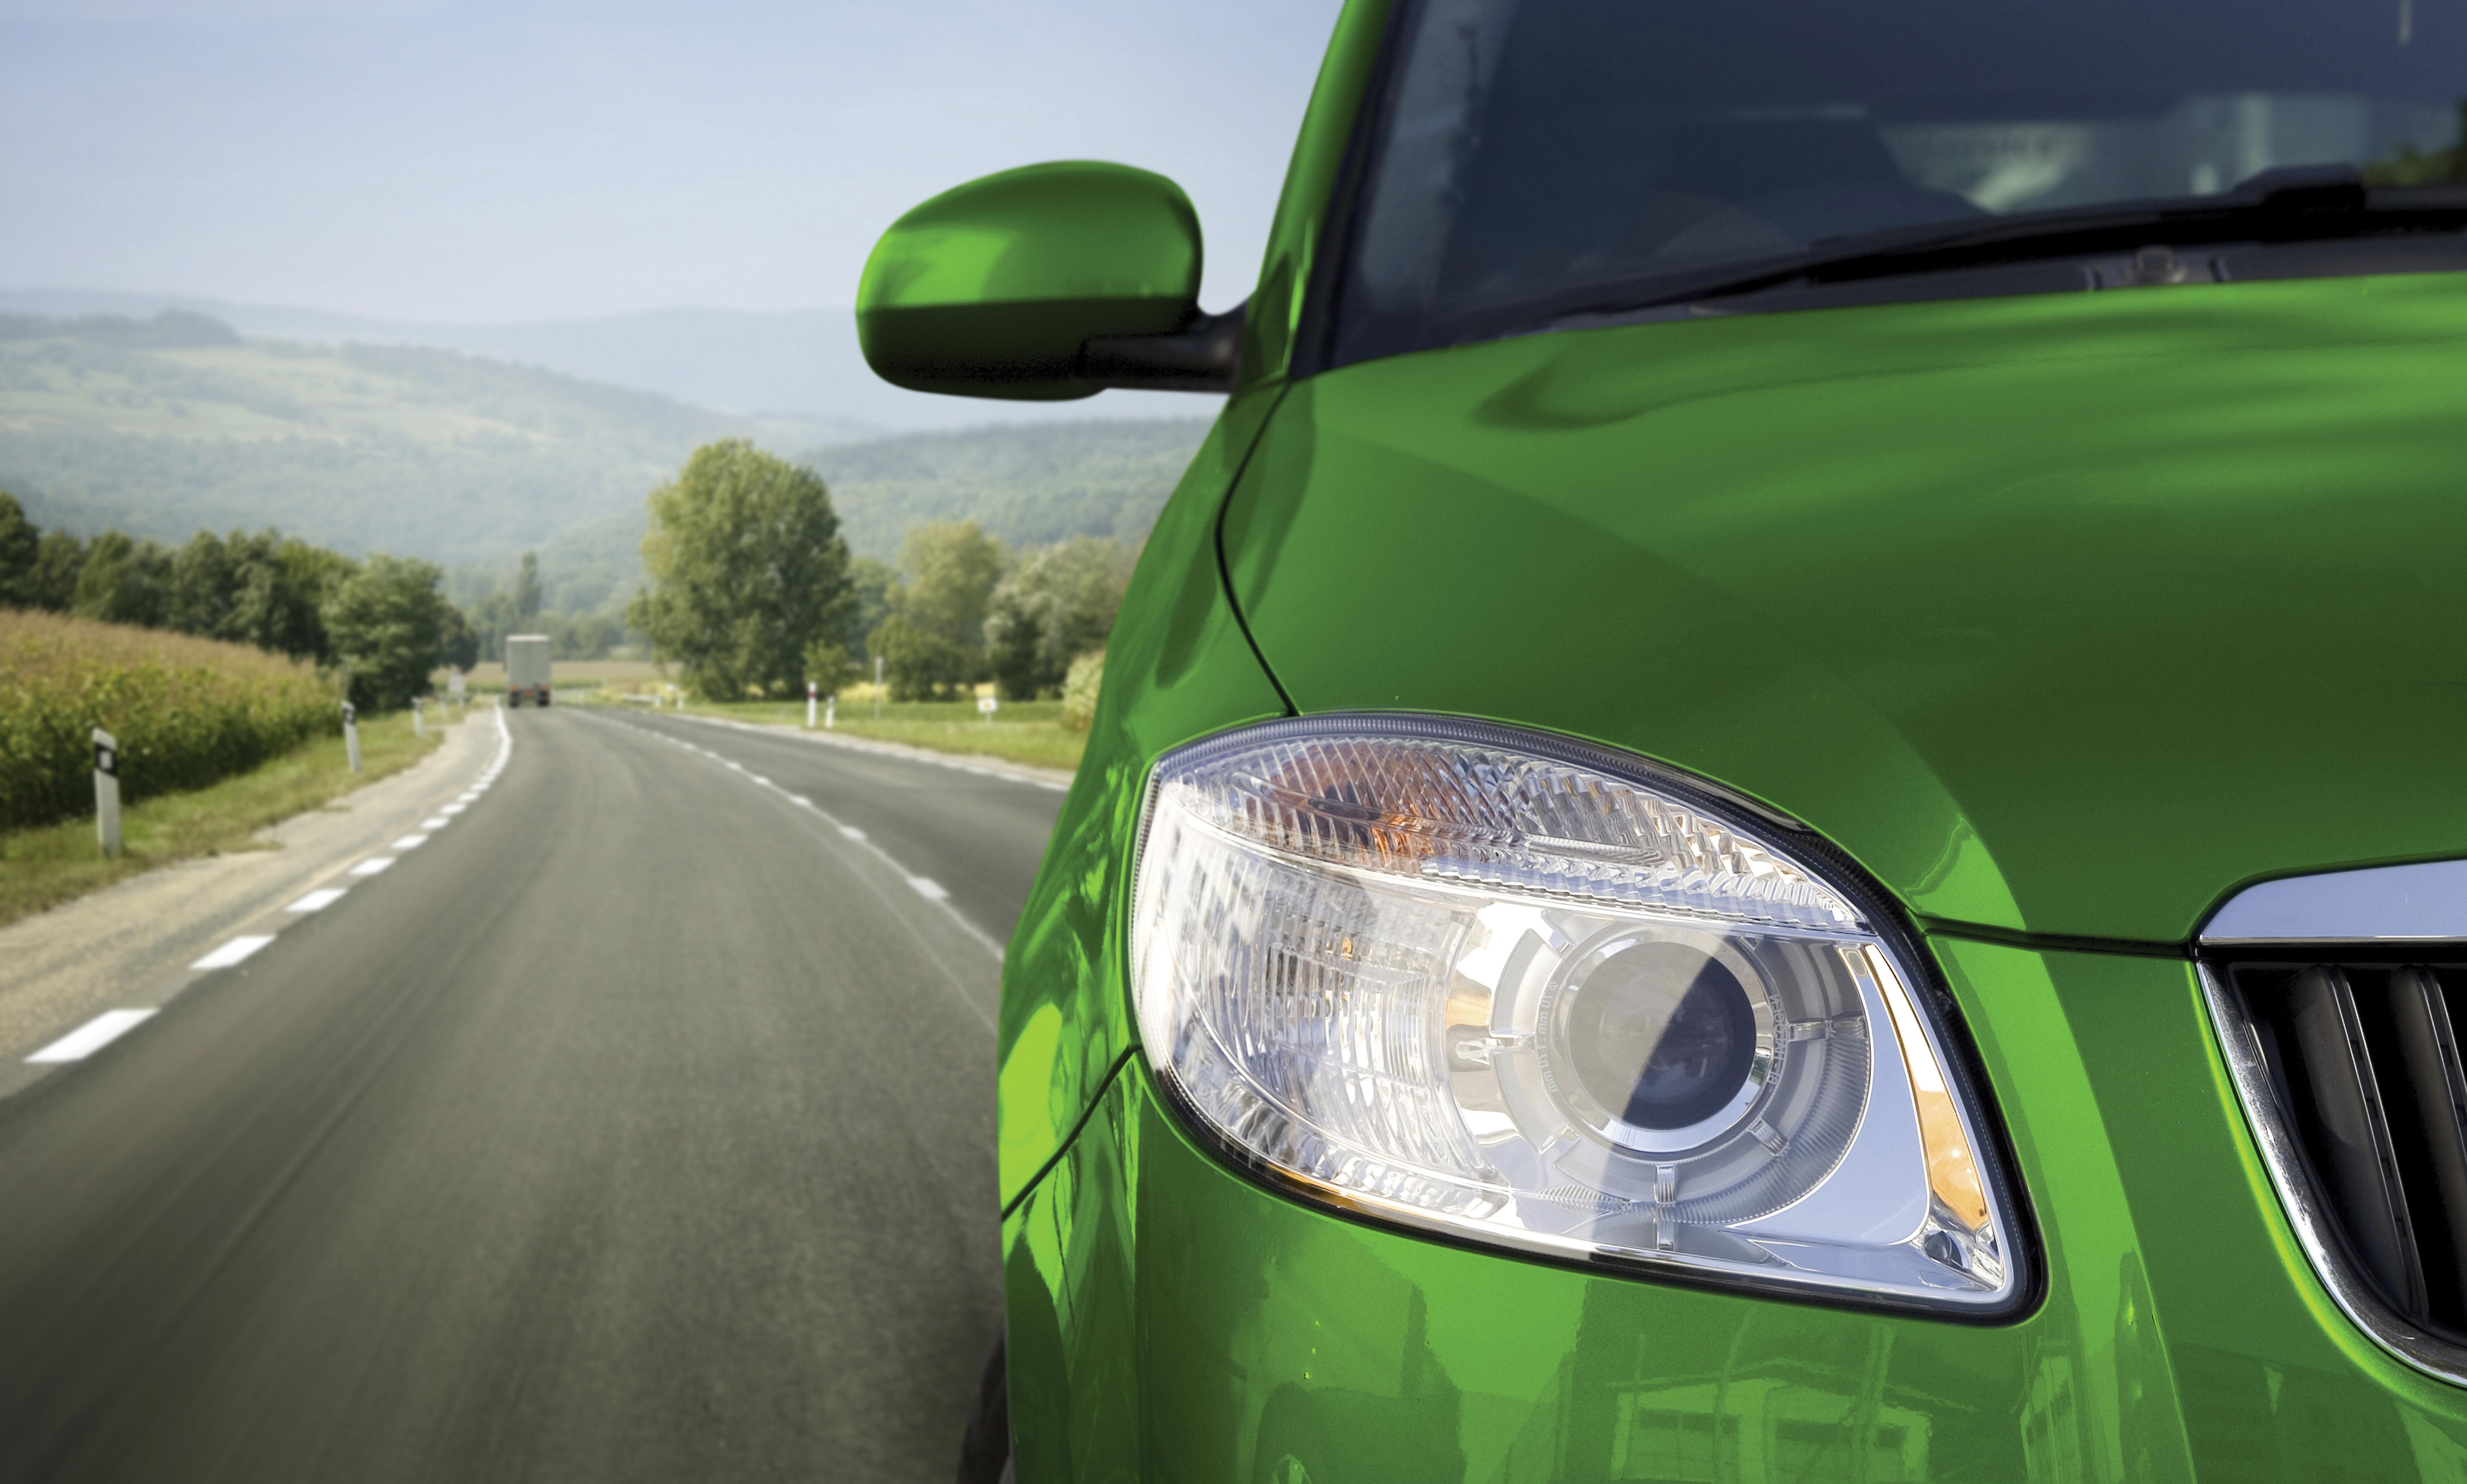 Z enim všečkom lahko zadenete odlično aplikacijo za varčno vožnjo.